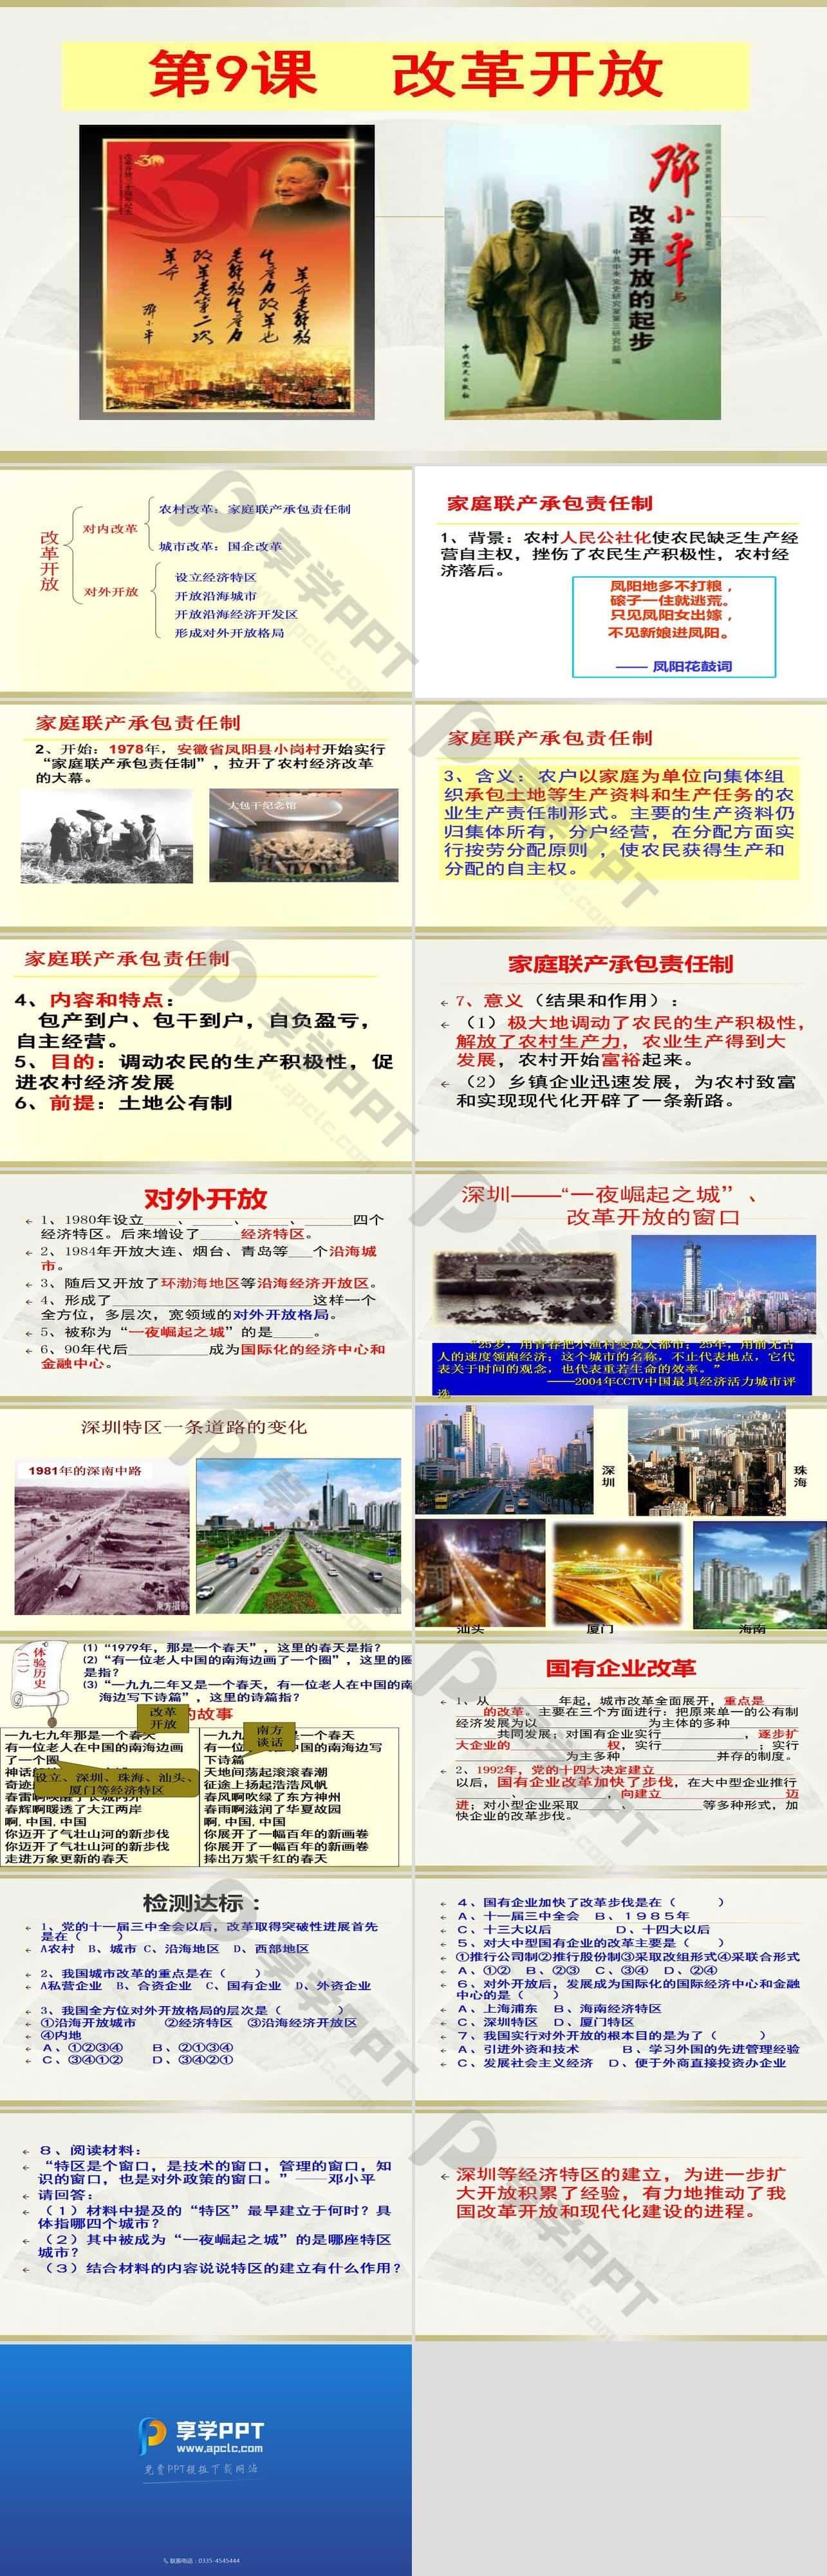 《改革开放》建设有中国特色的社会主义PPT课件长图